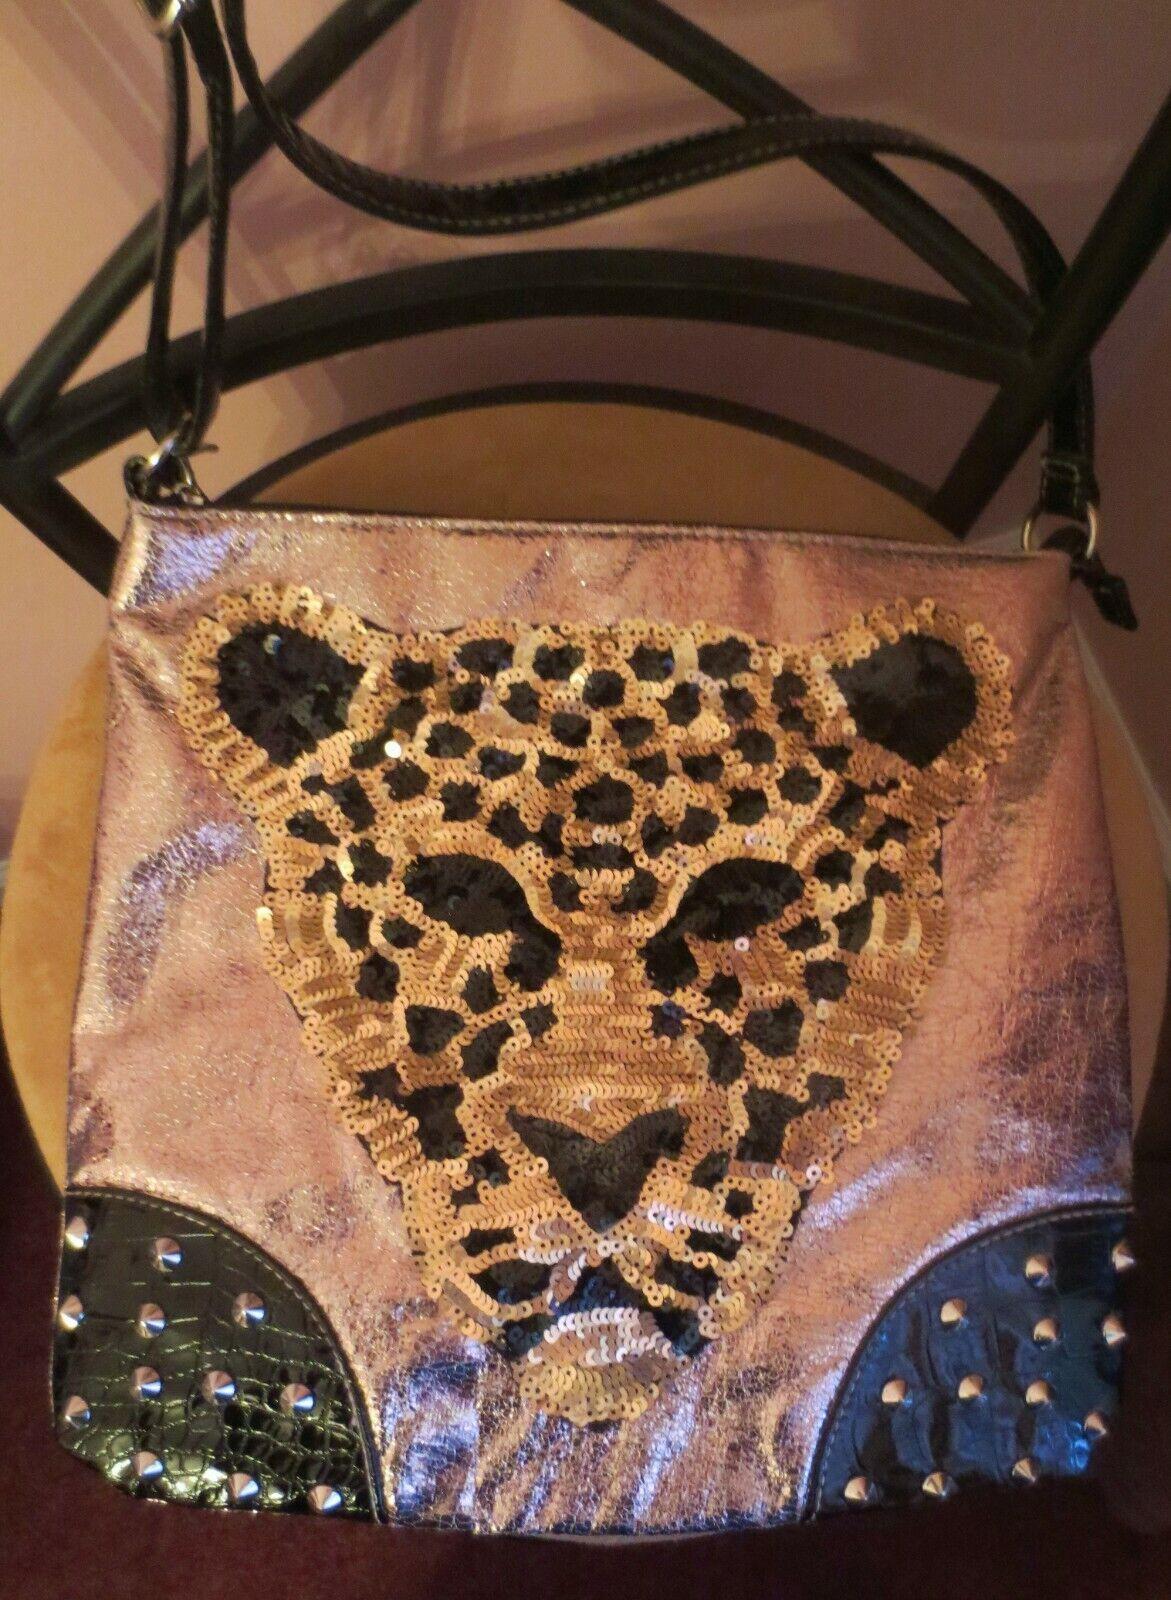 NWOT Black n Tan Handbag LEOPARD SEQUINS FACE STUDS Adjust Shoulder Strap Purse